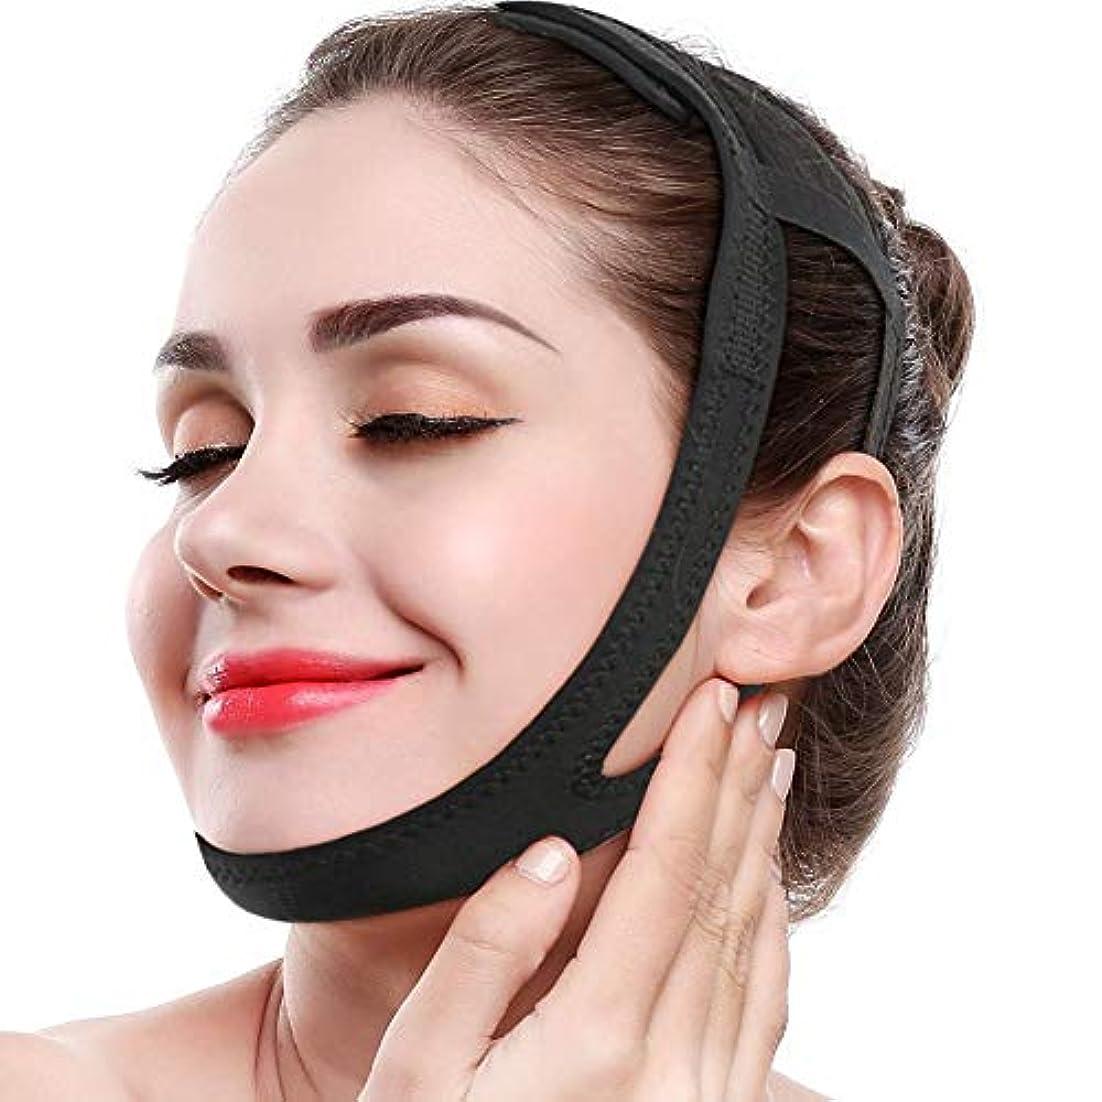 聖書規制する失礼な顔の細くの薄い表面マスク、持ち上がる表面ベルトは顔の包帯のための二重あごの引き締まった肌の抵抗の形のVライン減量を減らします